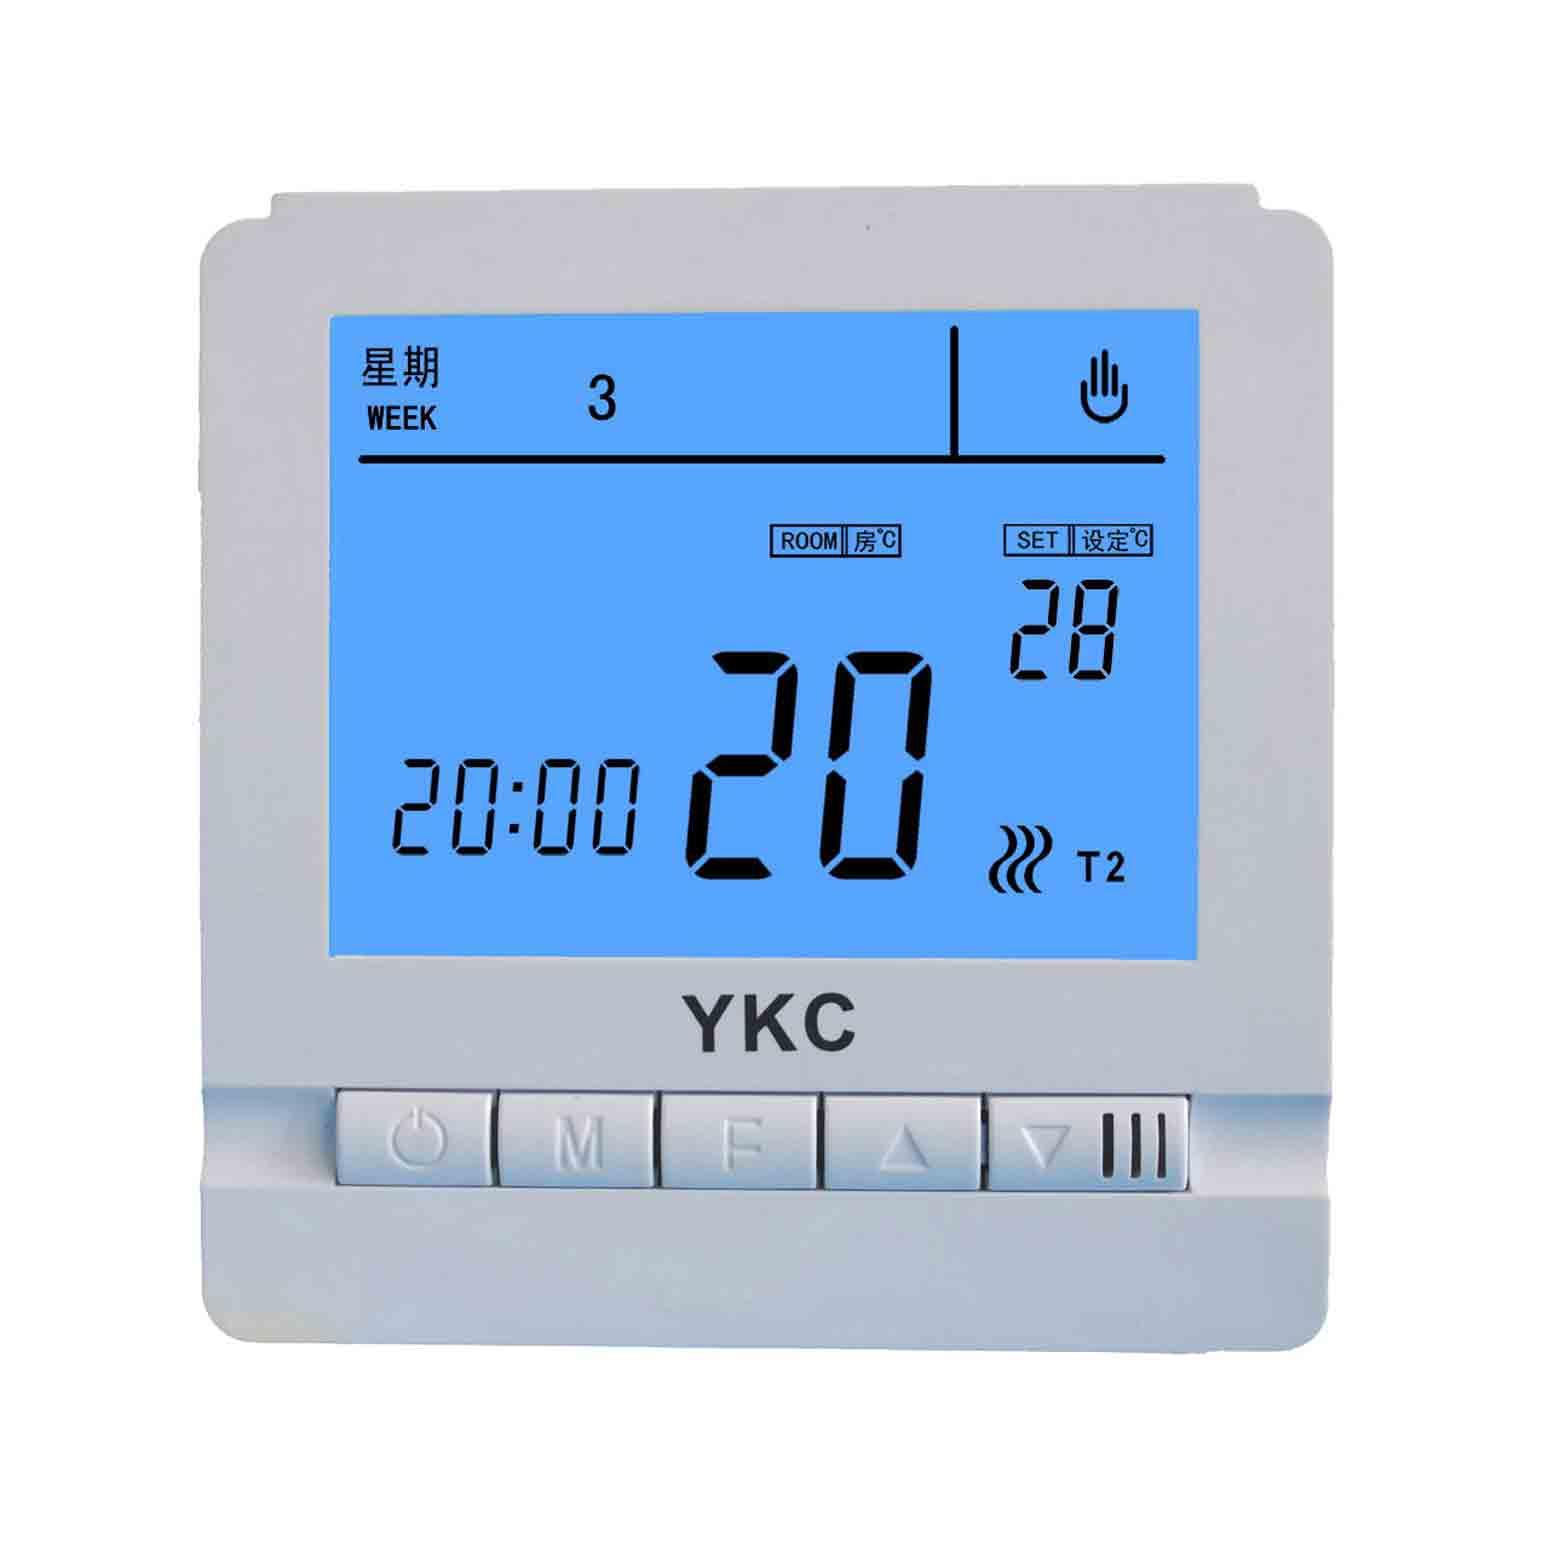 YKC809双显键盘锁定液晶温控器